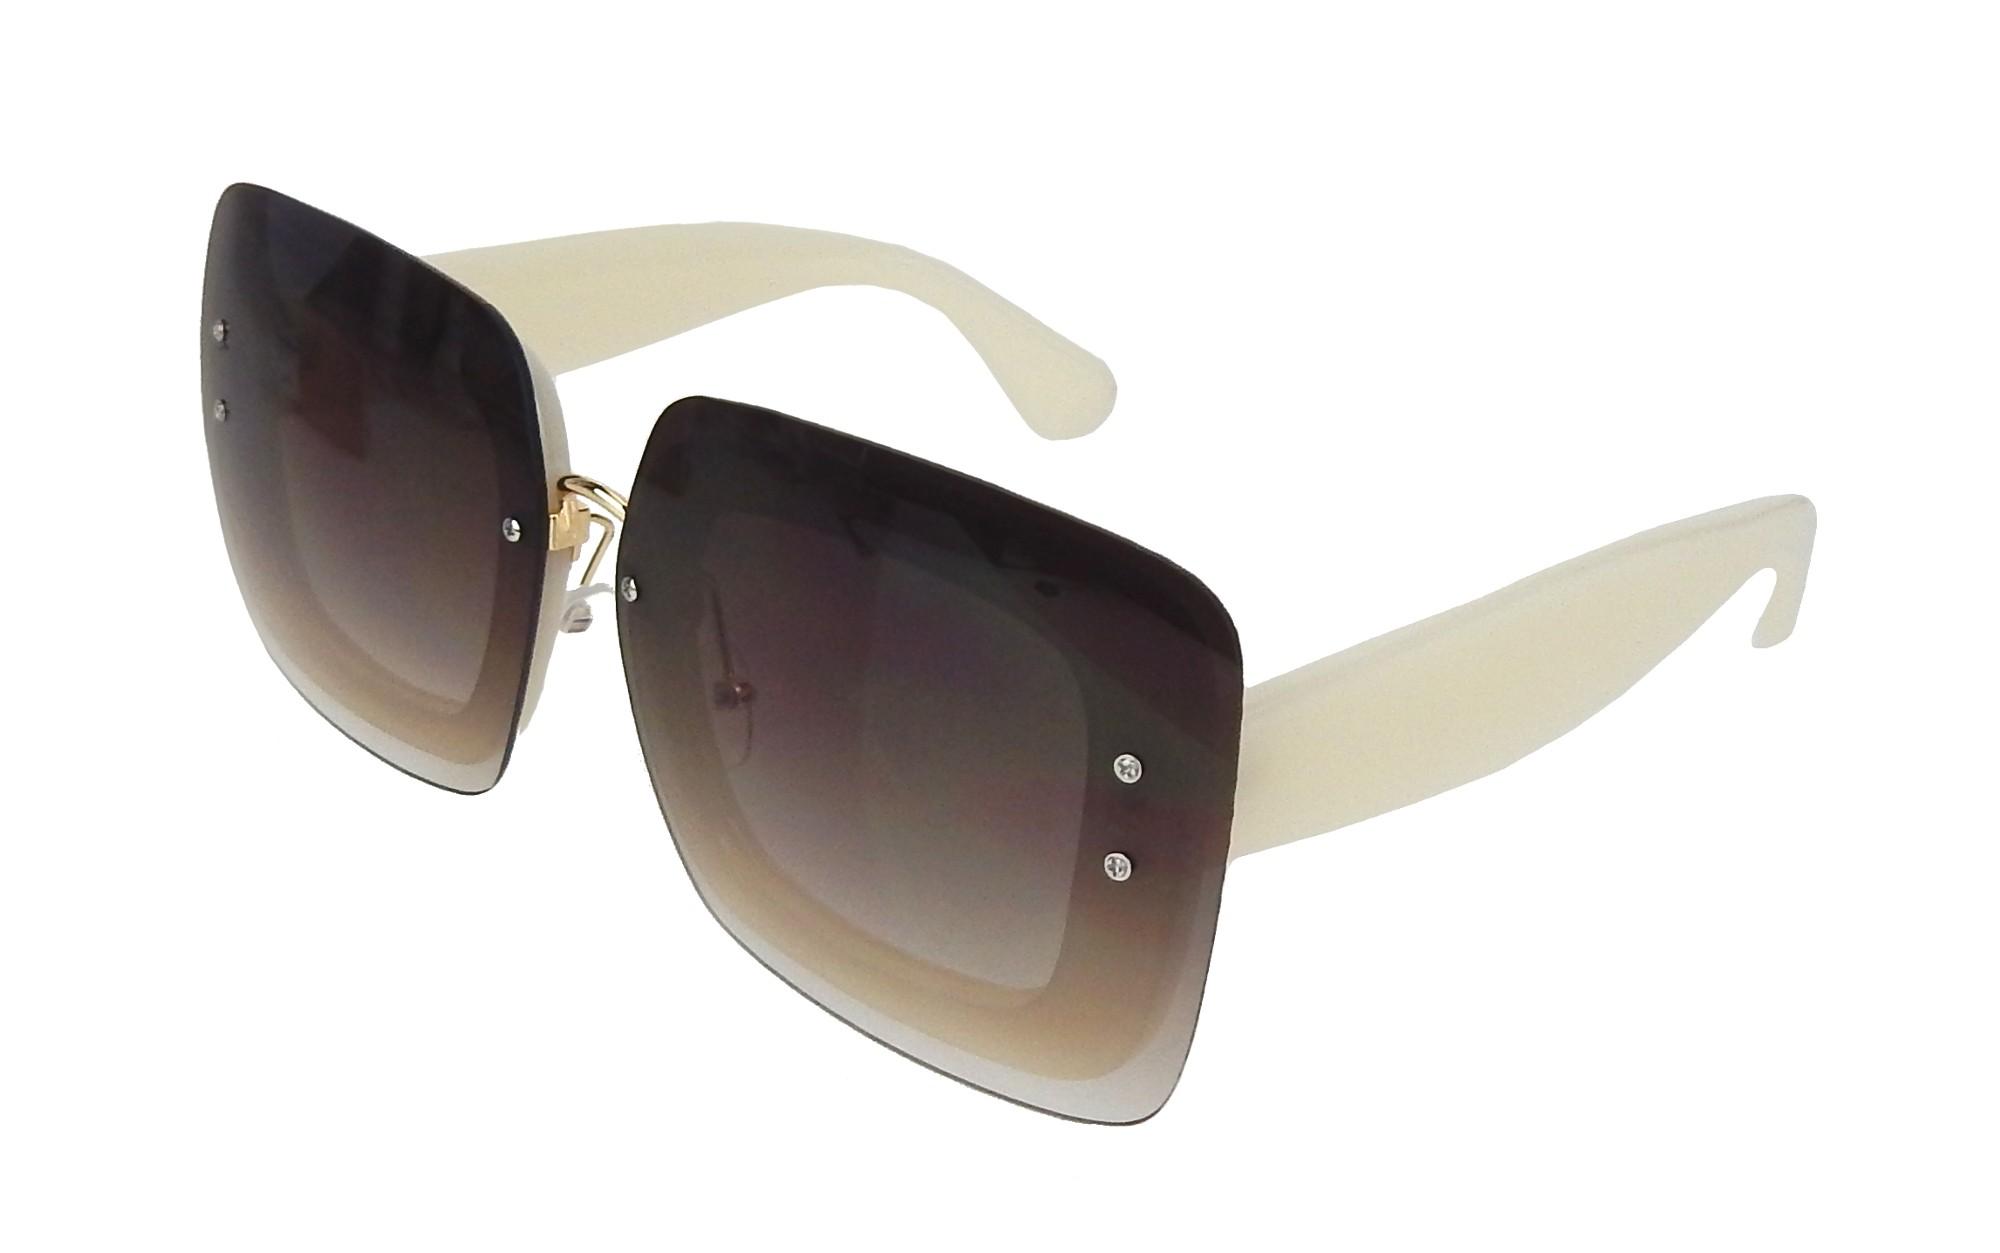 Sonnenbrille schwarz grau by Ella Jonte modisch quadratisch UV 400 new style